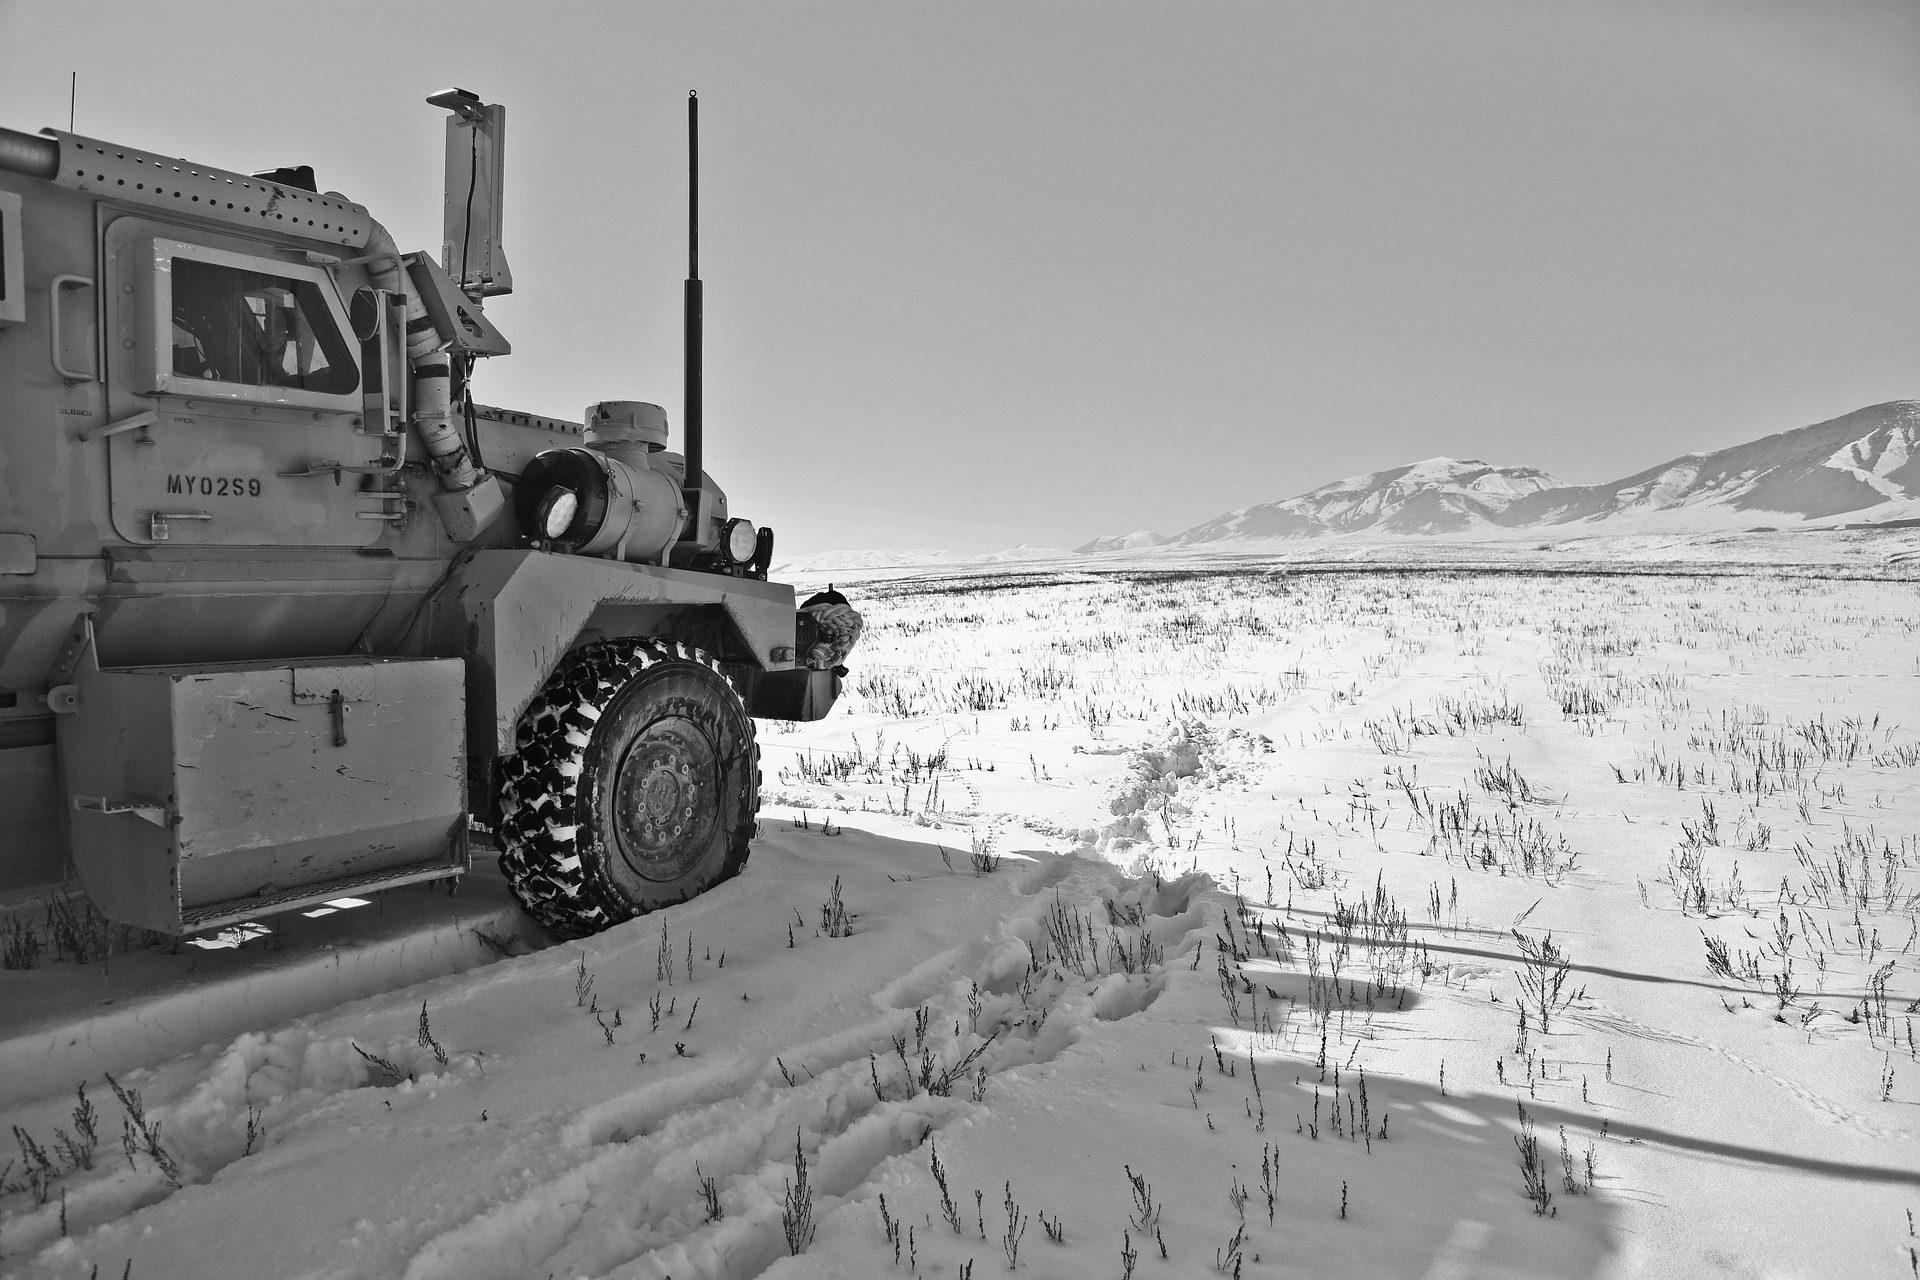 トラック, 道路, ネバド, 雪, 冬, 難易度 - HD の壁紙 - 教授-falken.com